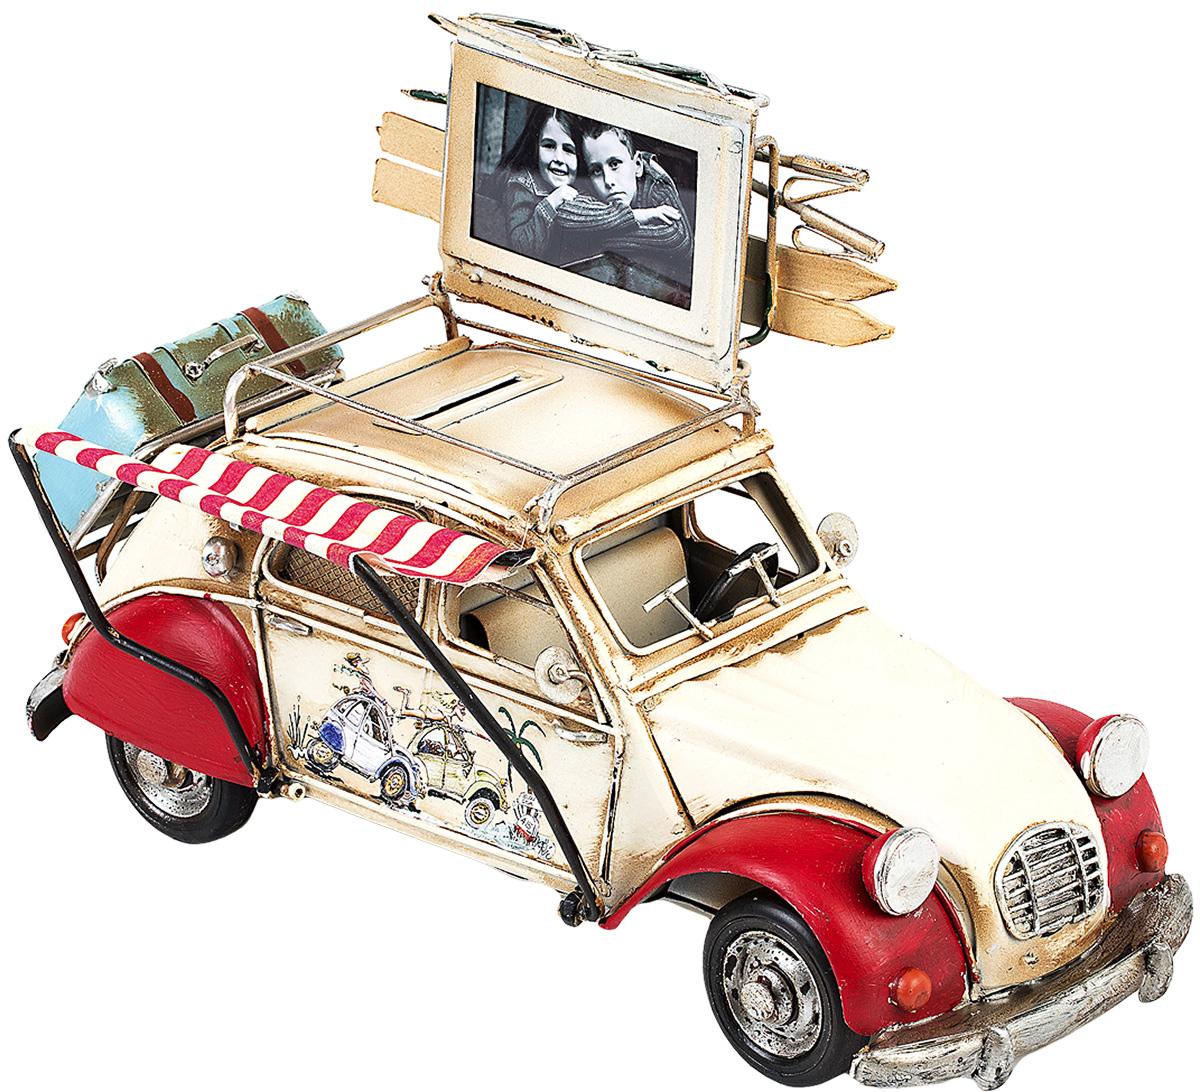 Модель Platinum Автомобиль, с фоторамкой и копилкой. 1404E-43401404E-4340Модель Platinum Автомобиль, выполненная из металла, станет оригинальным украшением интерьера. Вы можете поставить модель ретро- автомобиля в любом месте, где она будет удачно смотреться. Изделие дополнено копилкой и фоторамкой, куда вы можете вставить вашу любимую фотографию. Качество исполнения, точные детали и оригинальный дизайн выделяют эту модель среди ряда подобных. Модель займет достойное место в вашей коллекции, а также приятно удивит получателя в качестве стильного сувенира.